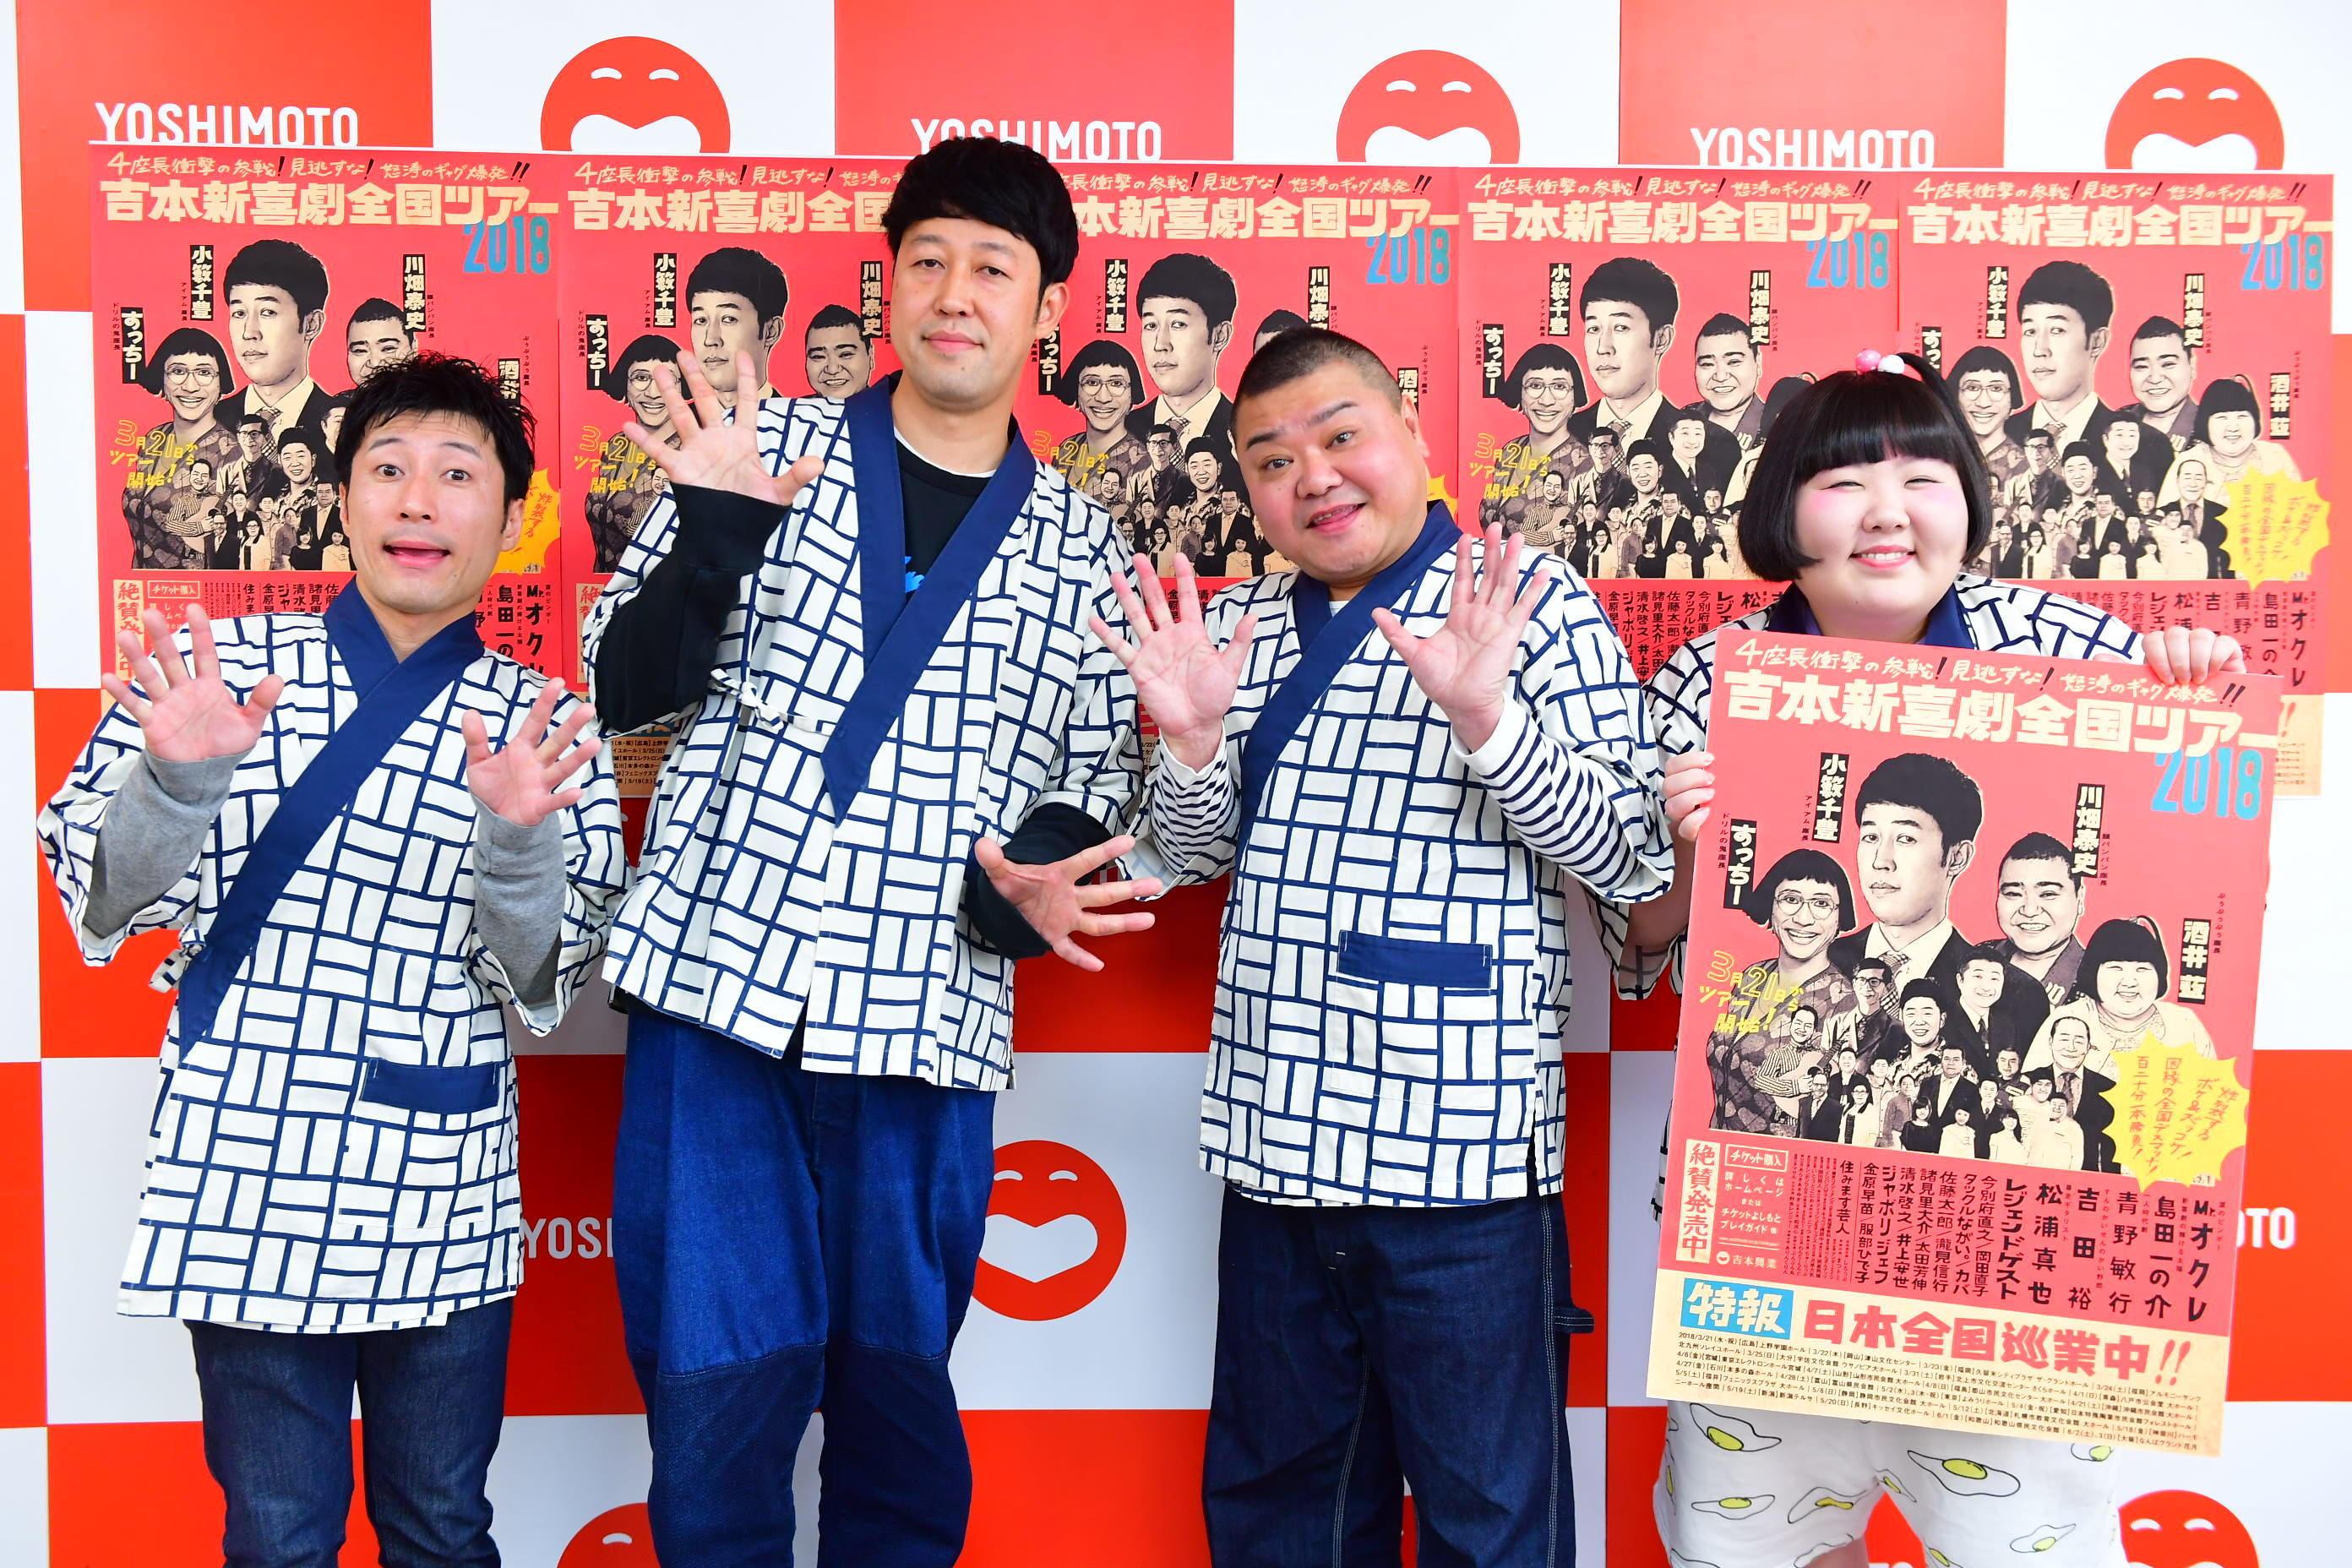 http://news.yoshimoto.co.jp/20180205175315-1e42f6b1ae4a537b000b19015c729ba56fb95646.jpg